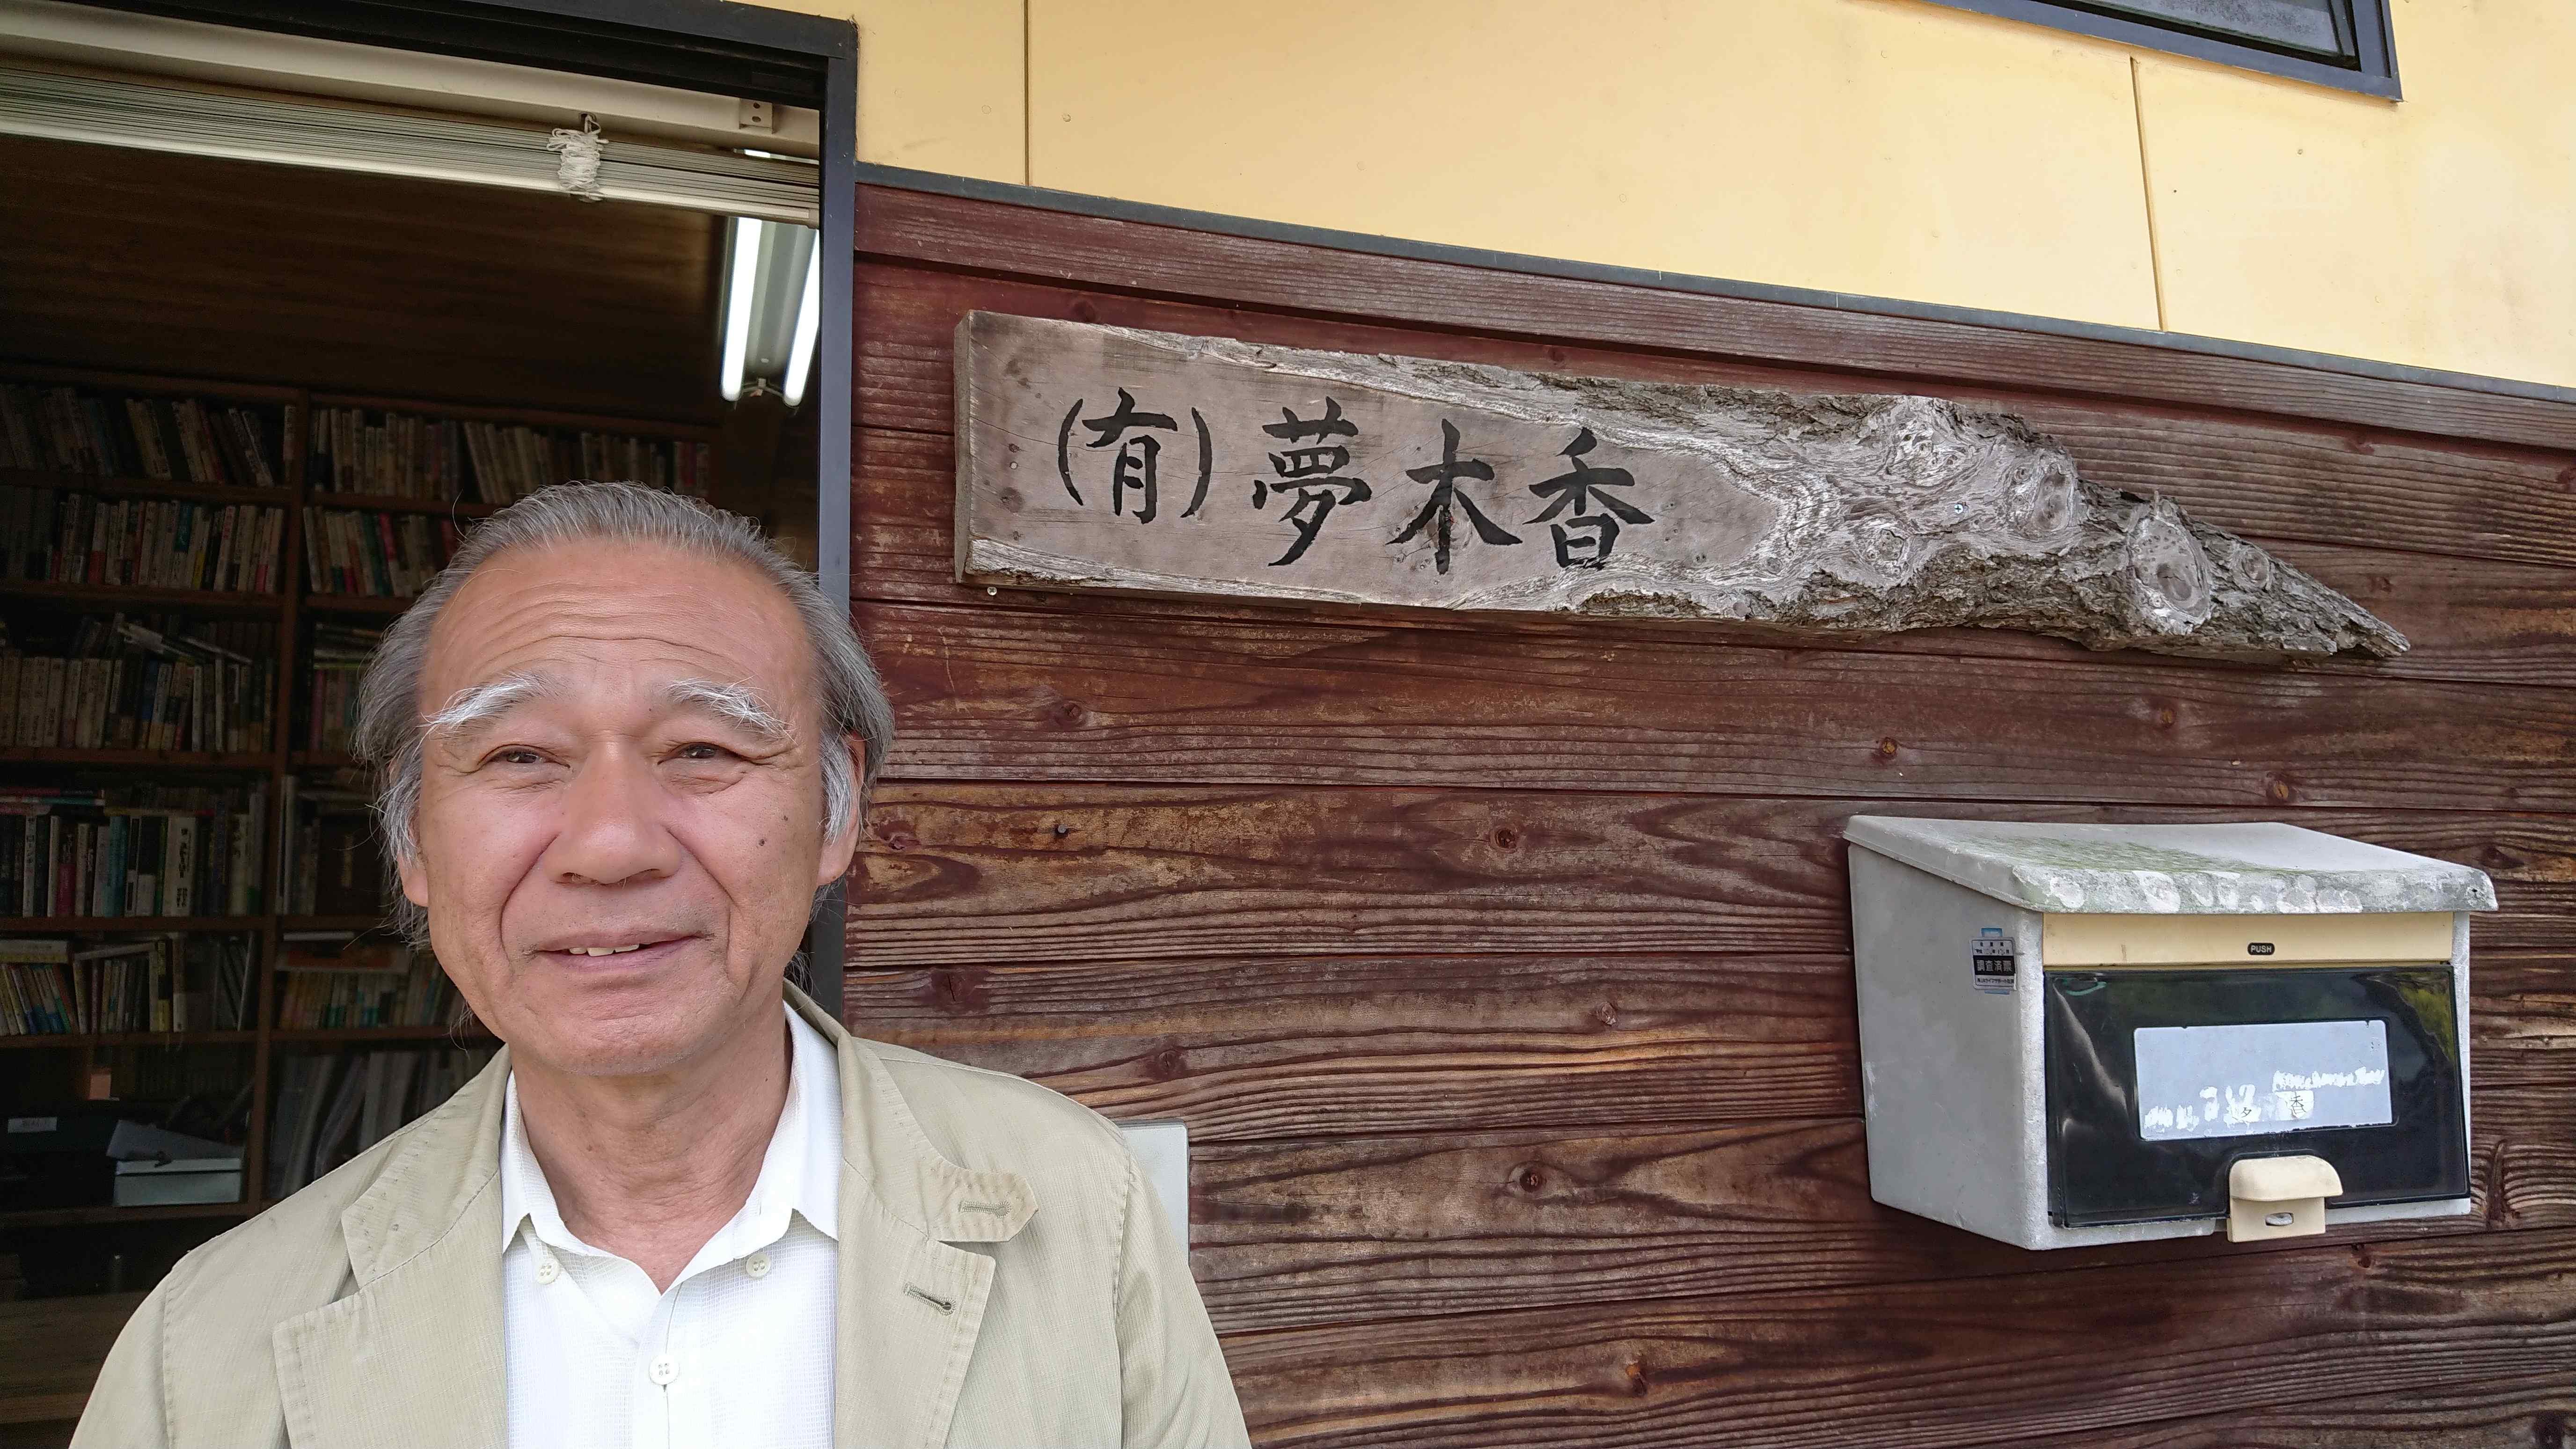 伝統木構造で地域の文化を守りたい。佐賀県鹿島市「夢木香」の松尾進さん